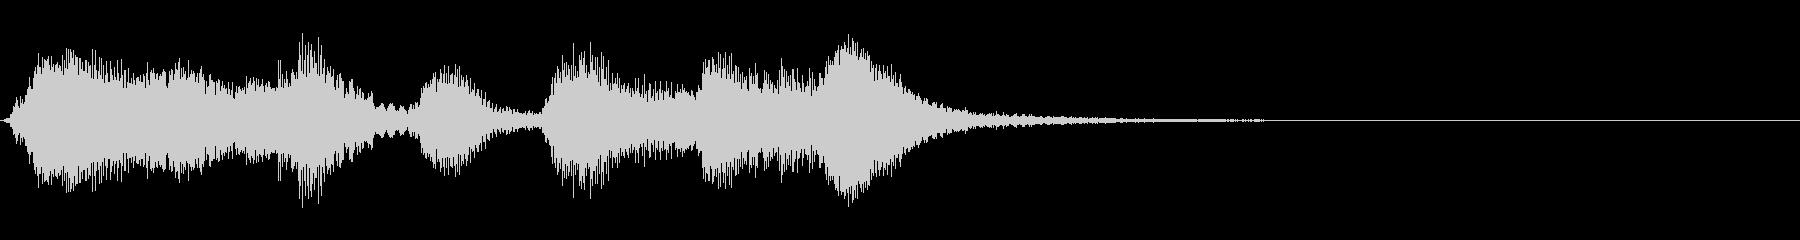 弦楽四重奏ジングル05_ほのぼのの未再生の波形